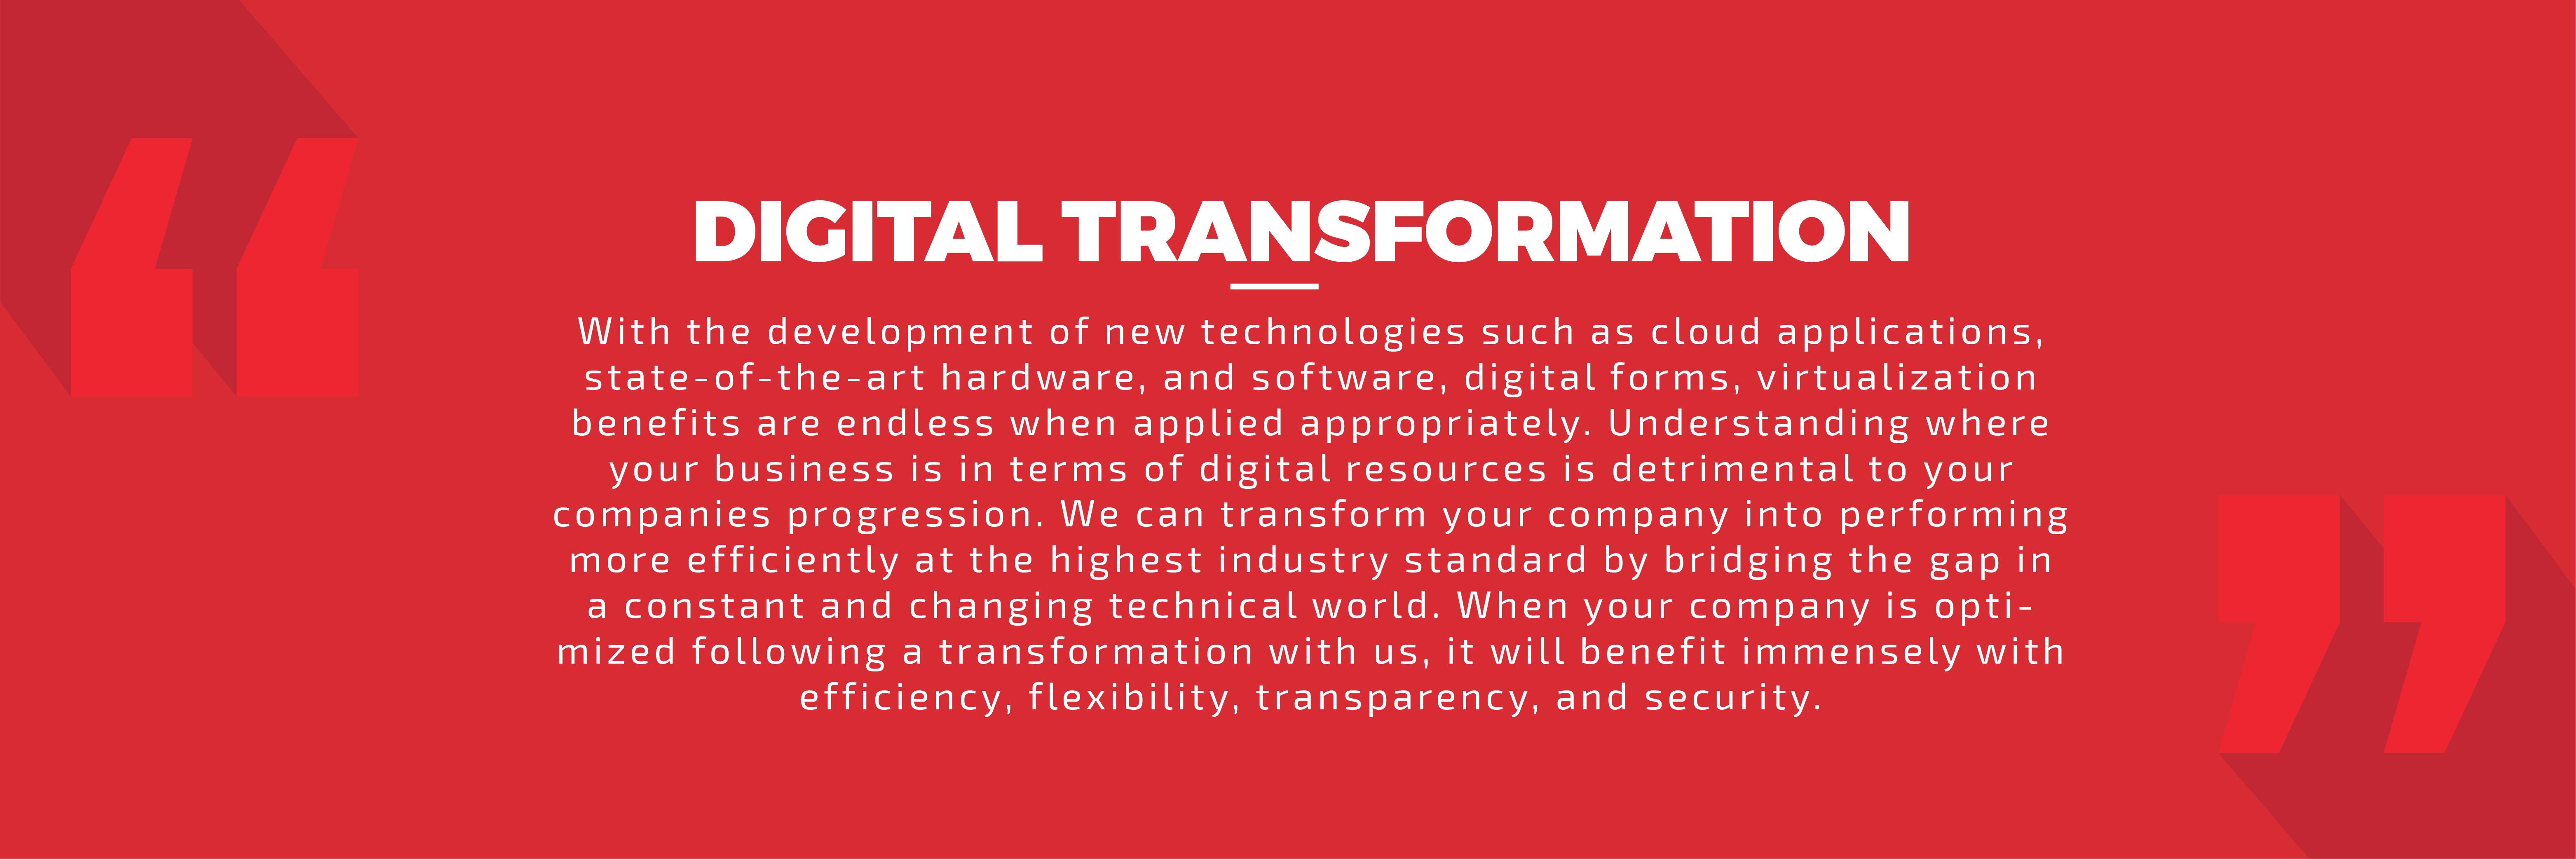 Digital Transformation by ECKOO